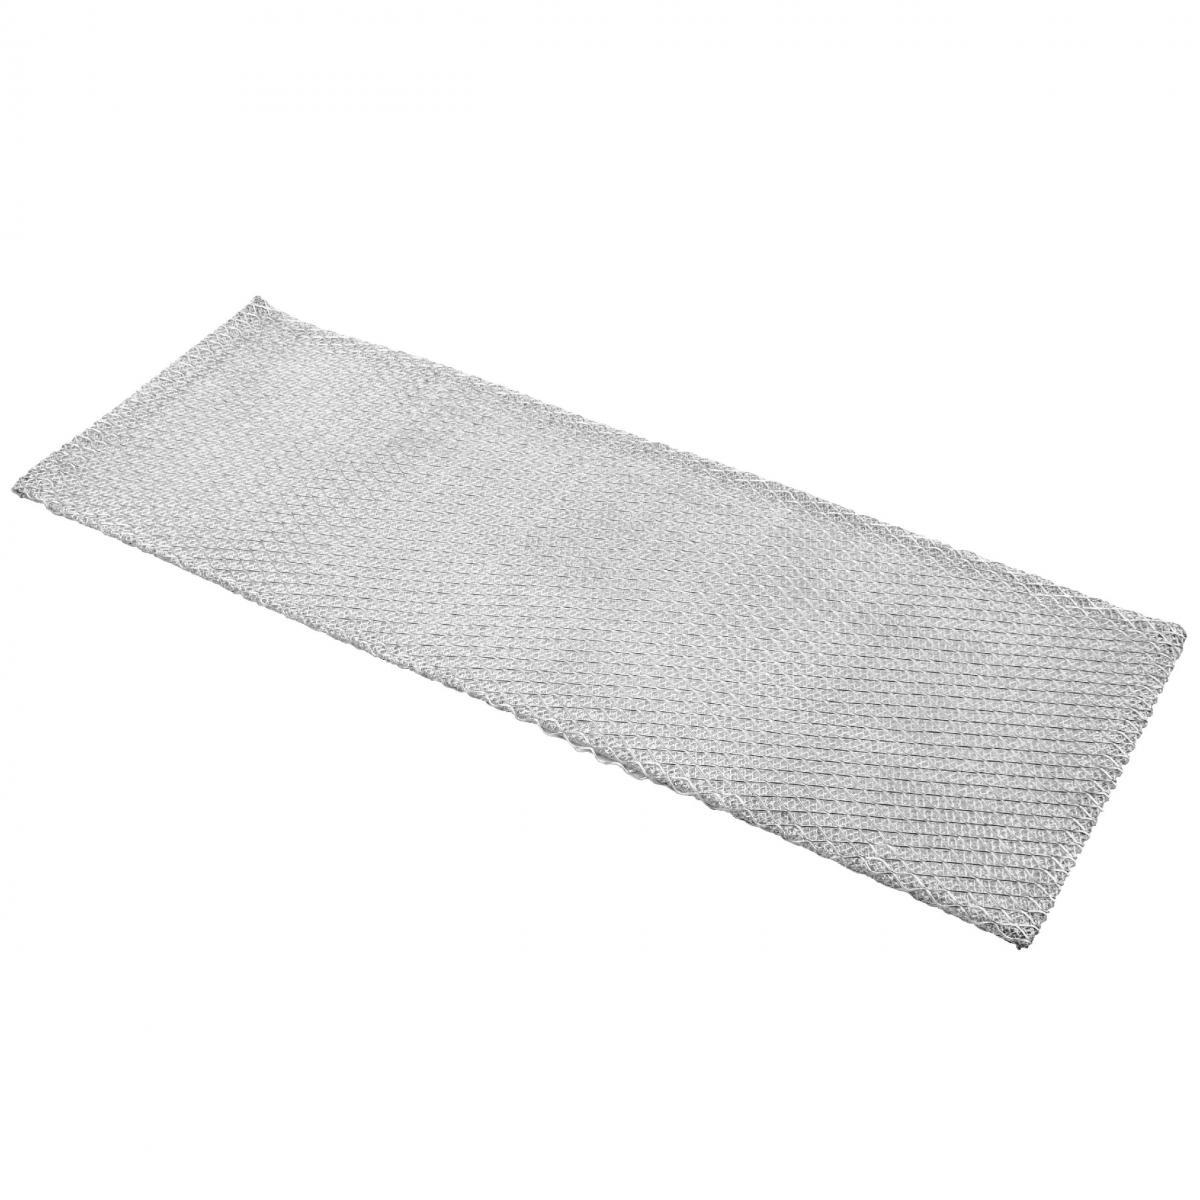 Vhbw vhbw Filtrepermanent filtre à graisse métallique 45,2 x 16 x 0,35 cm convient pour Bauknecht DNI 3260 857415029020 hotte